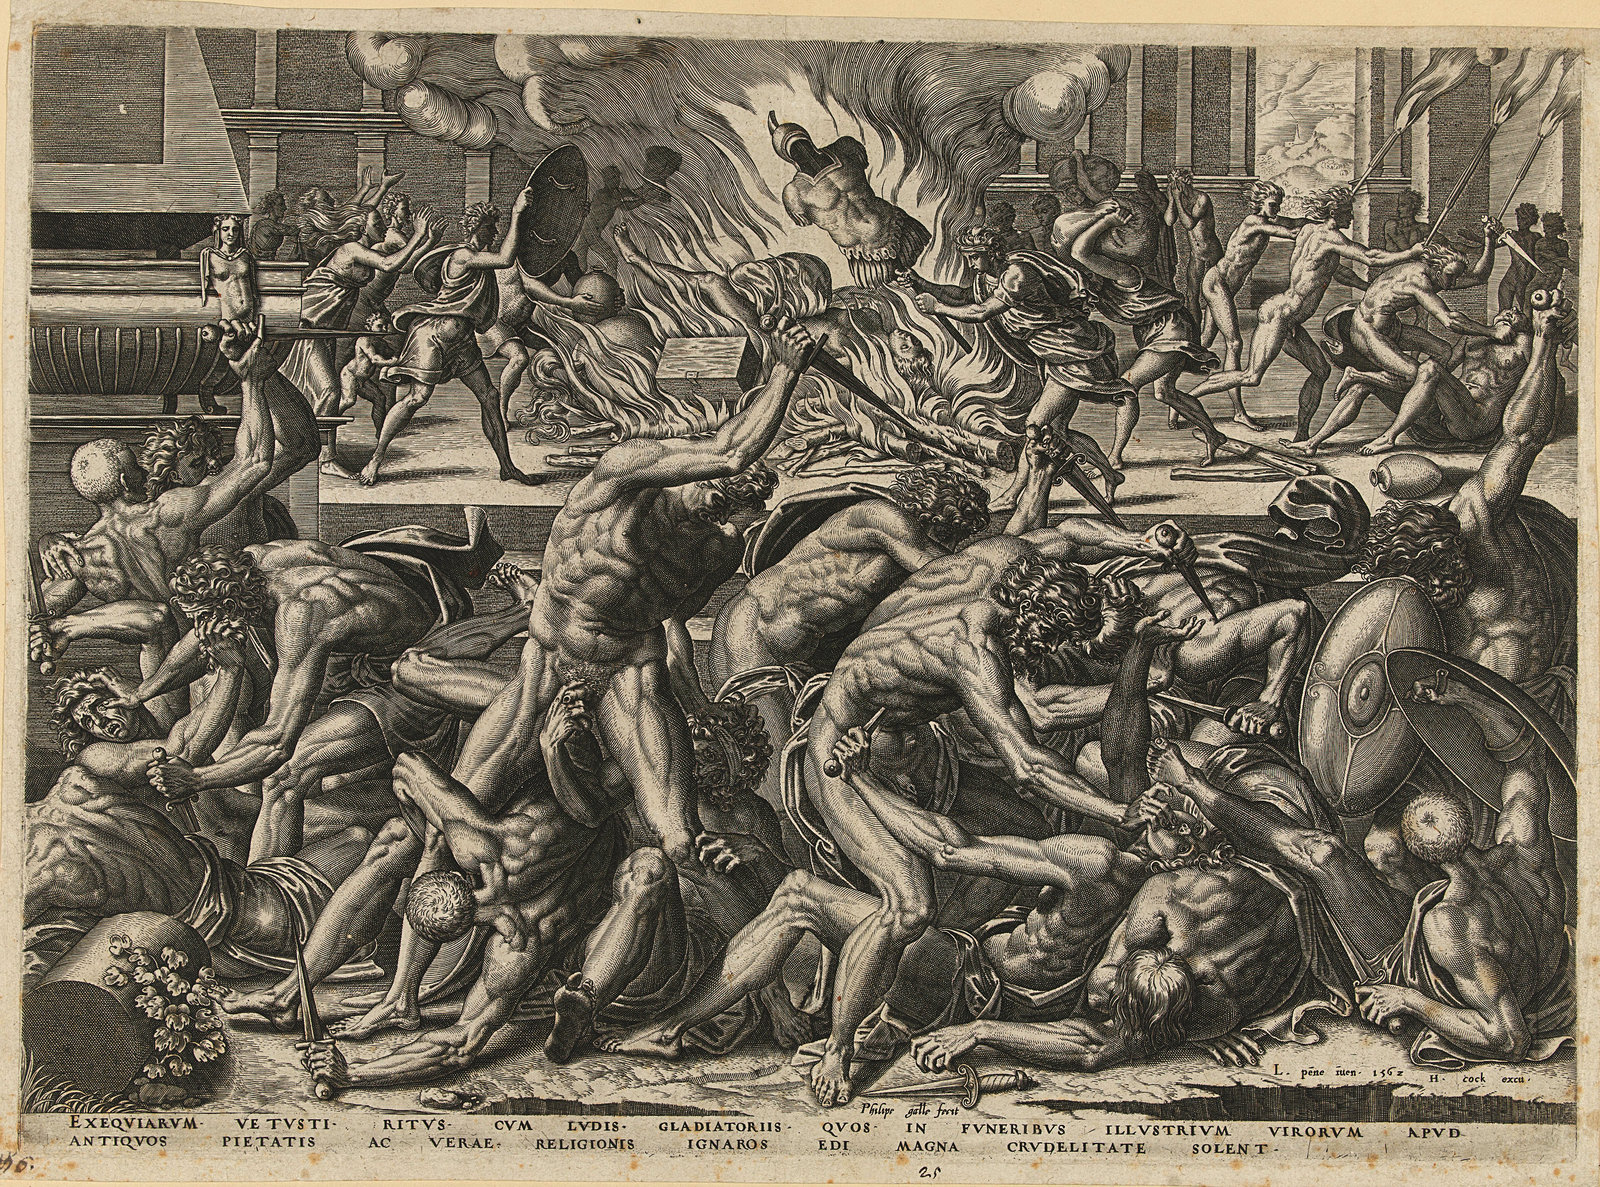 Gevecht van gladiatoren, Galle, Philips 1562, Rijksmuseum , Public Domain Mark